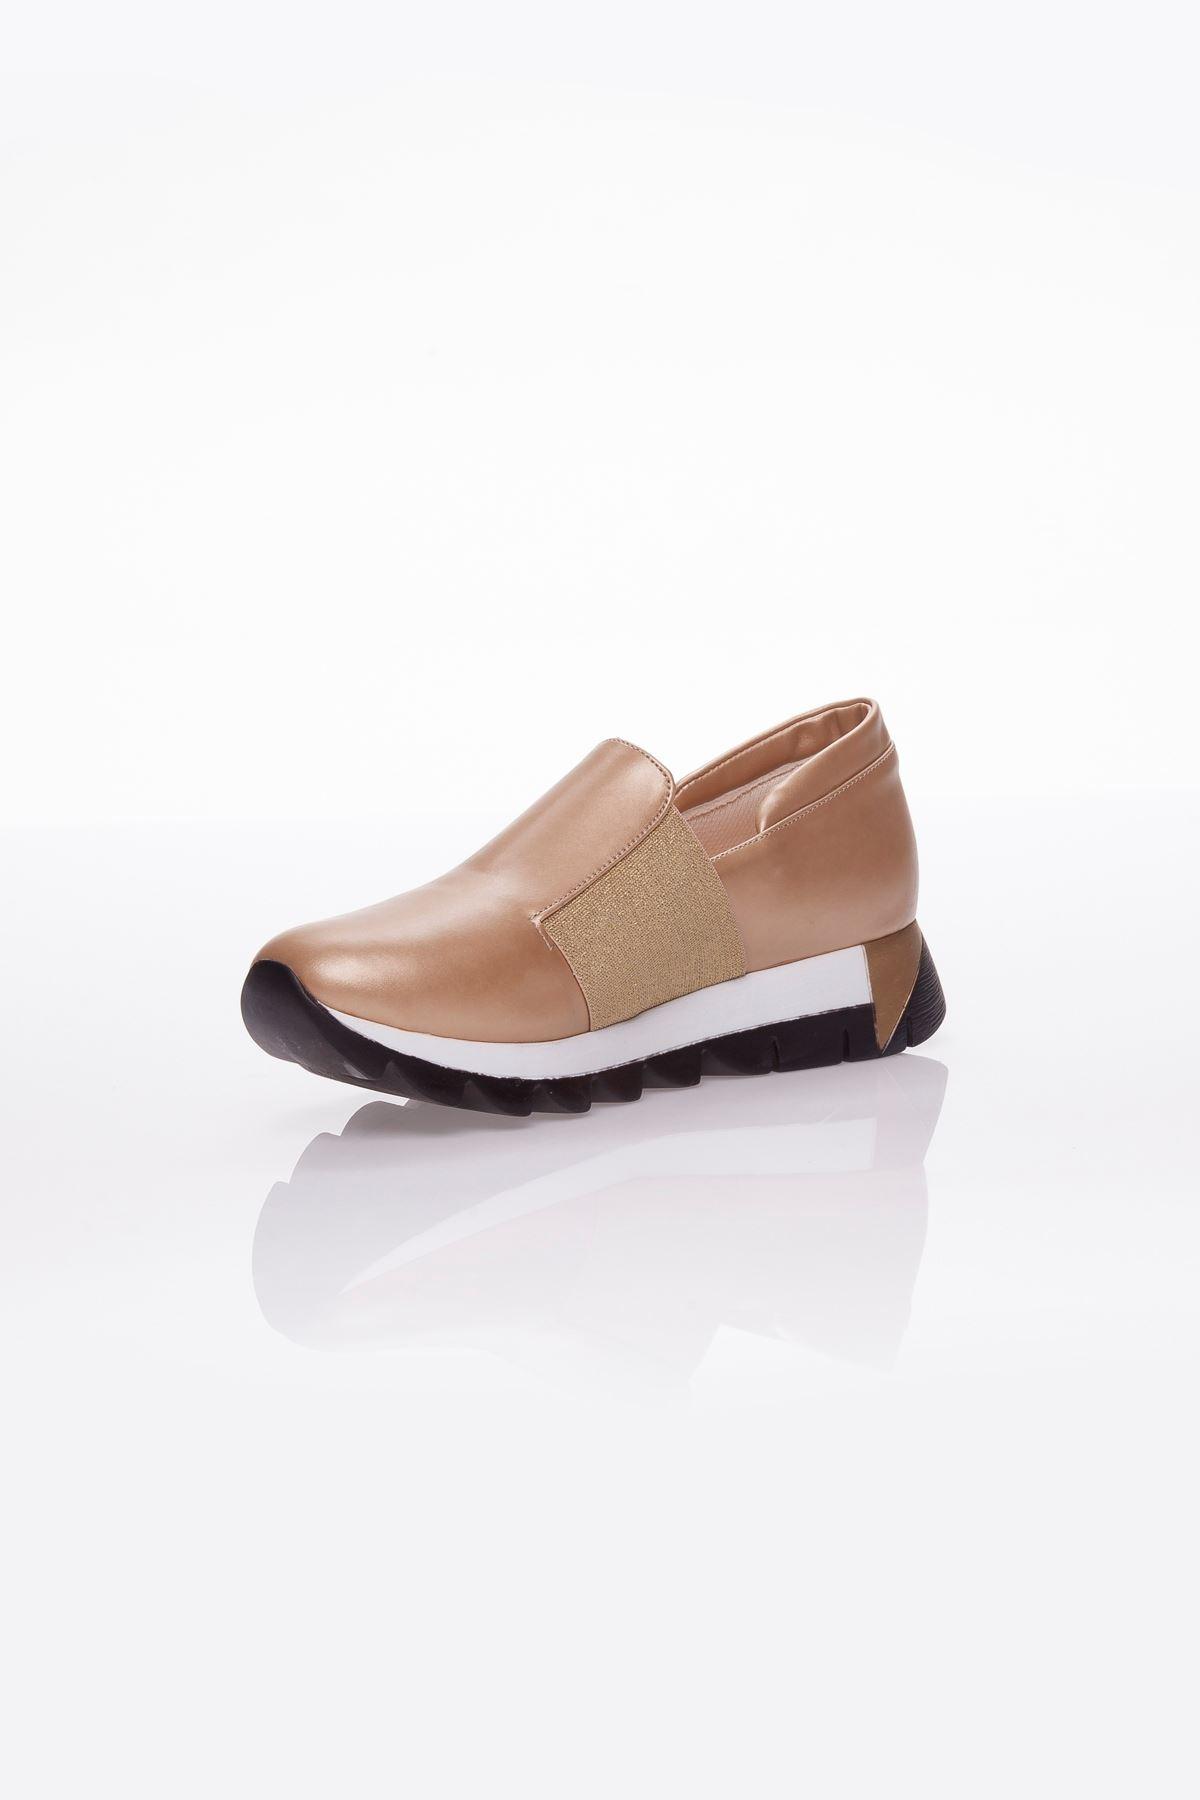 Leon Gold Bayan Spor Ayakkabı